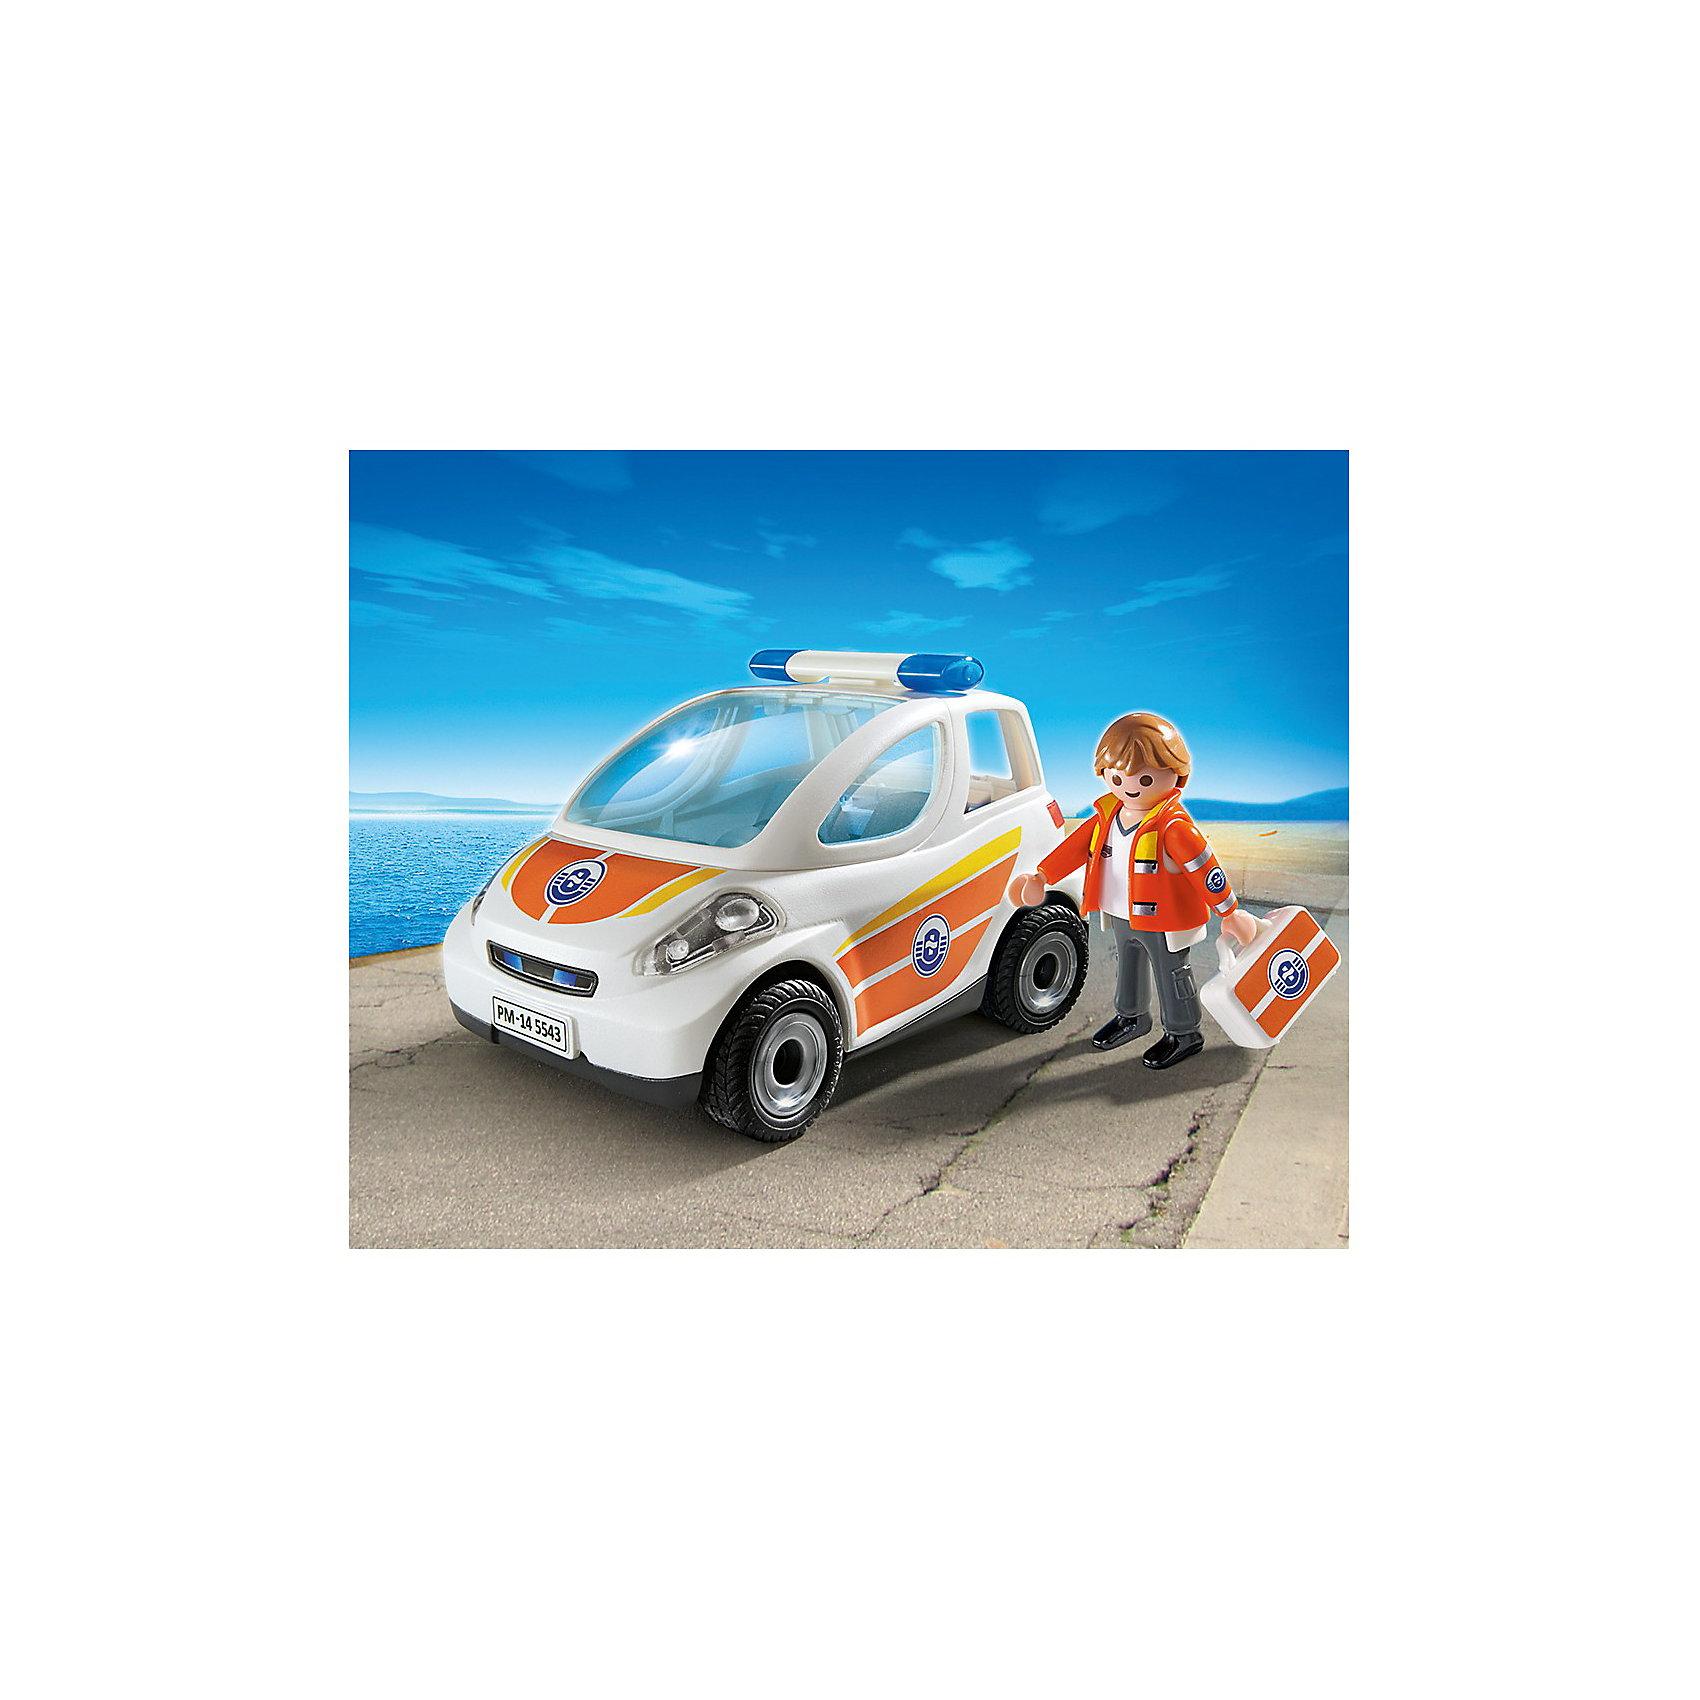 PLAYMOBIL® PLAYMOBIL 5543 Береговая охрана: Машина первой помощи машина пламенный мотор volvo v70 пожарная охрана 870189